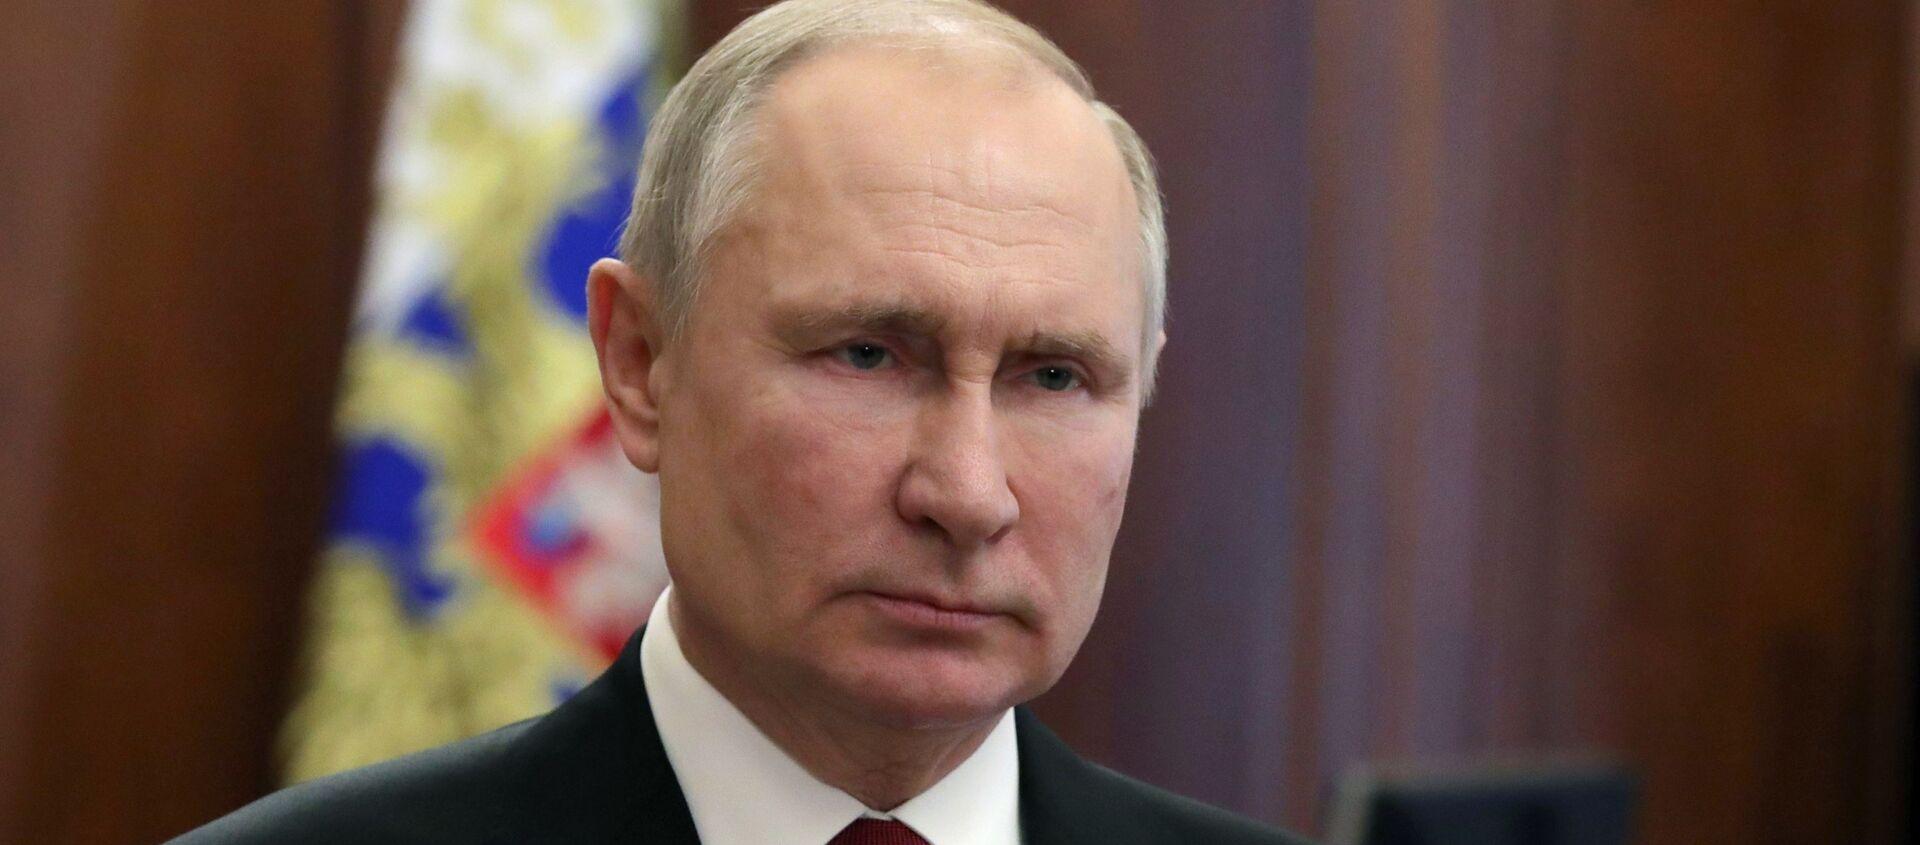 プーチン大統領 - Sputnik 日本, 1920, 22.03.2021